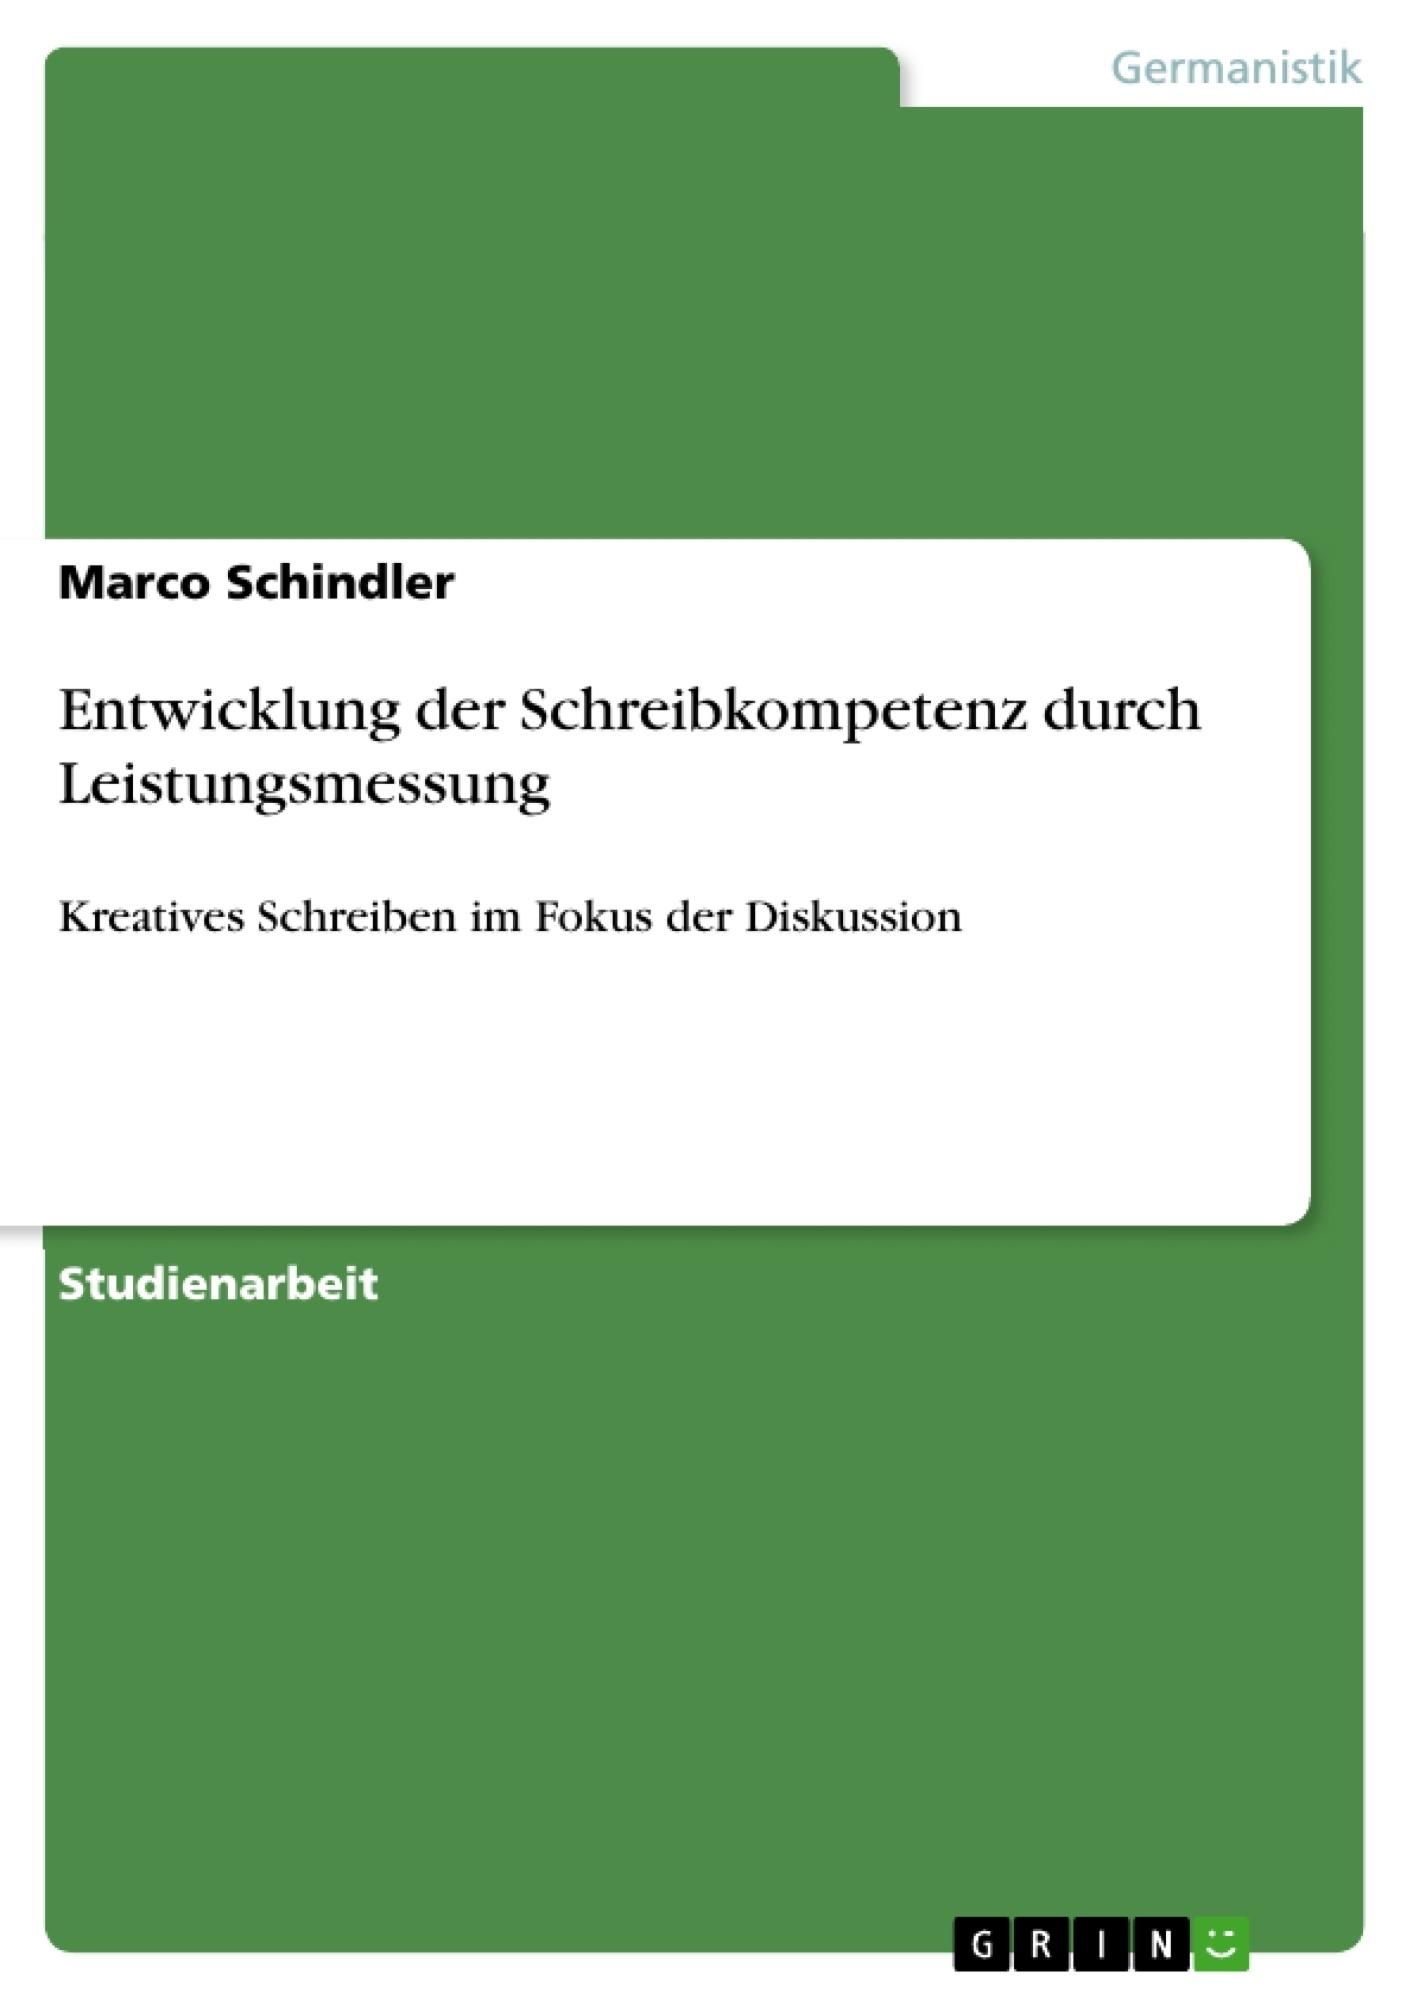 Titel: Entwicklung der Schreibkompetenz durch Leistungsmessung